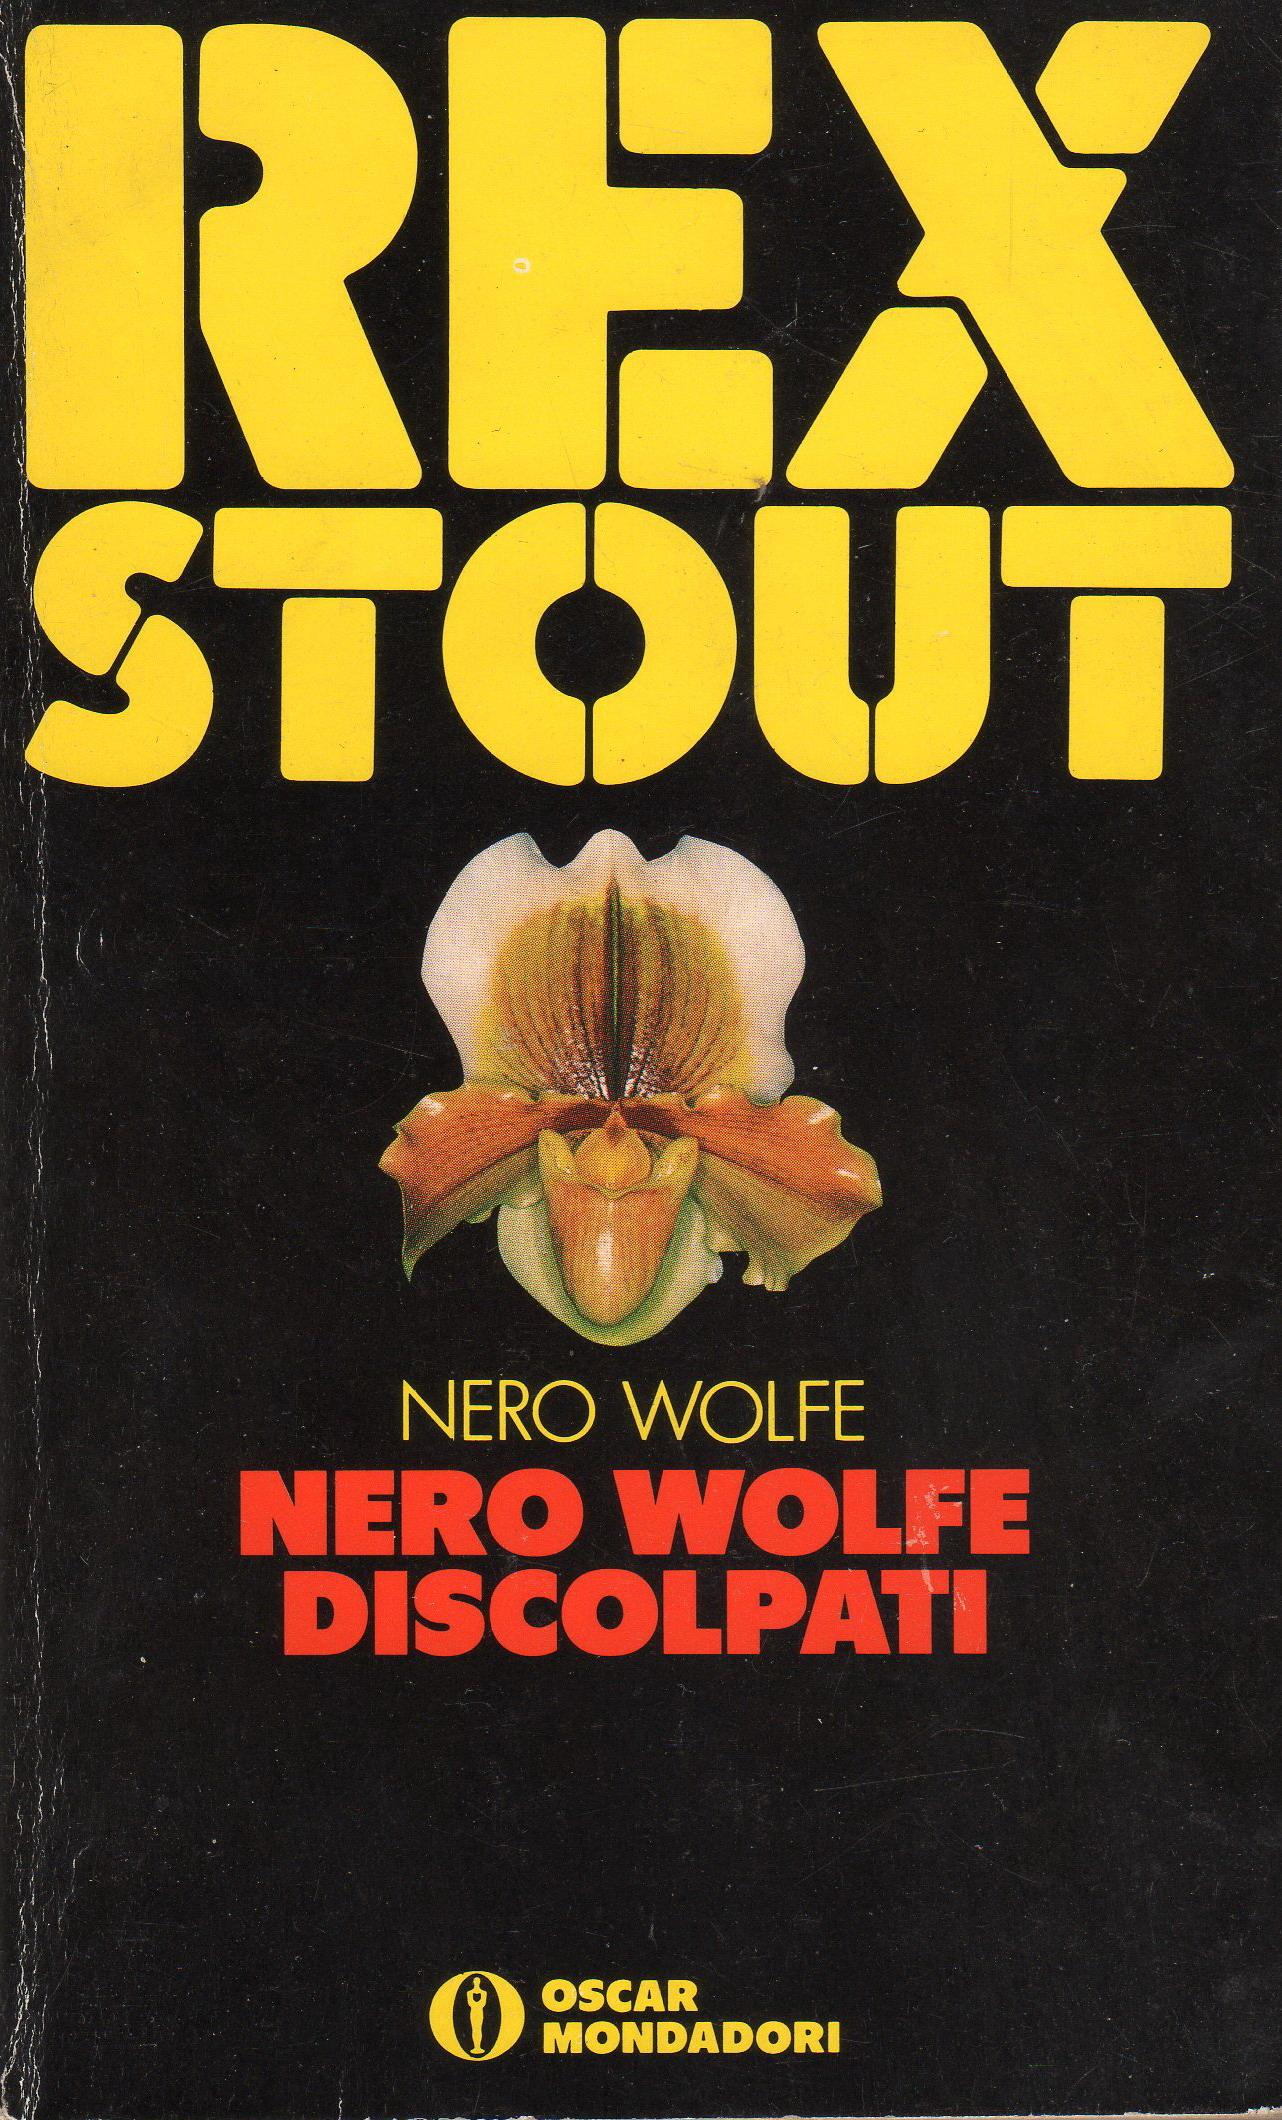 Nero Wolfe discolpati